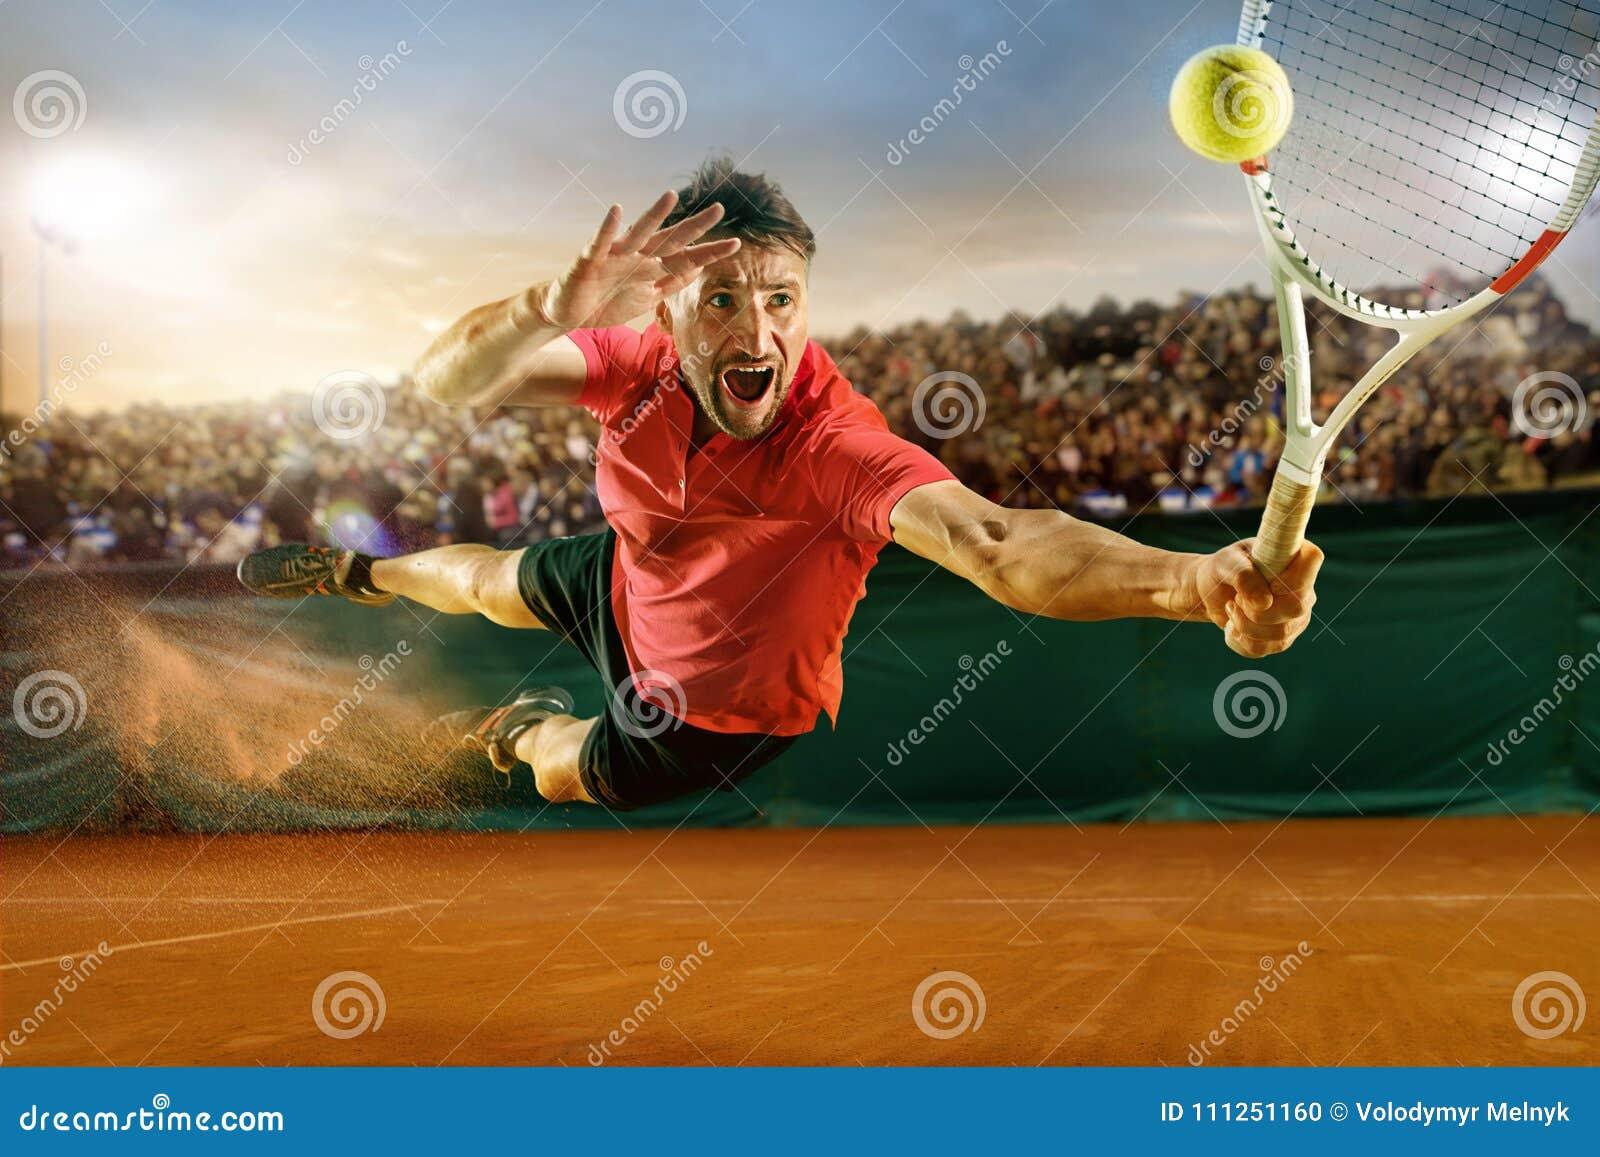 Один скача игрок, человек кавказца подходящий, играя теннис на землистом суде с зрителями